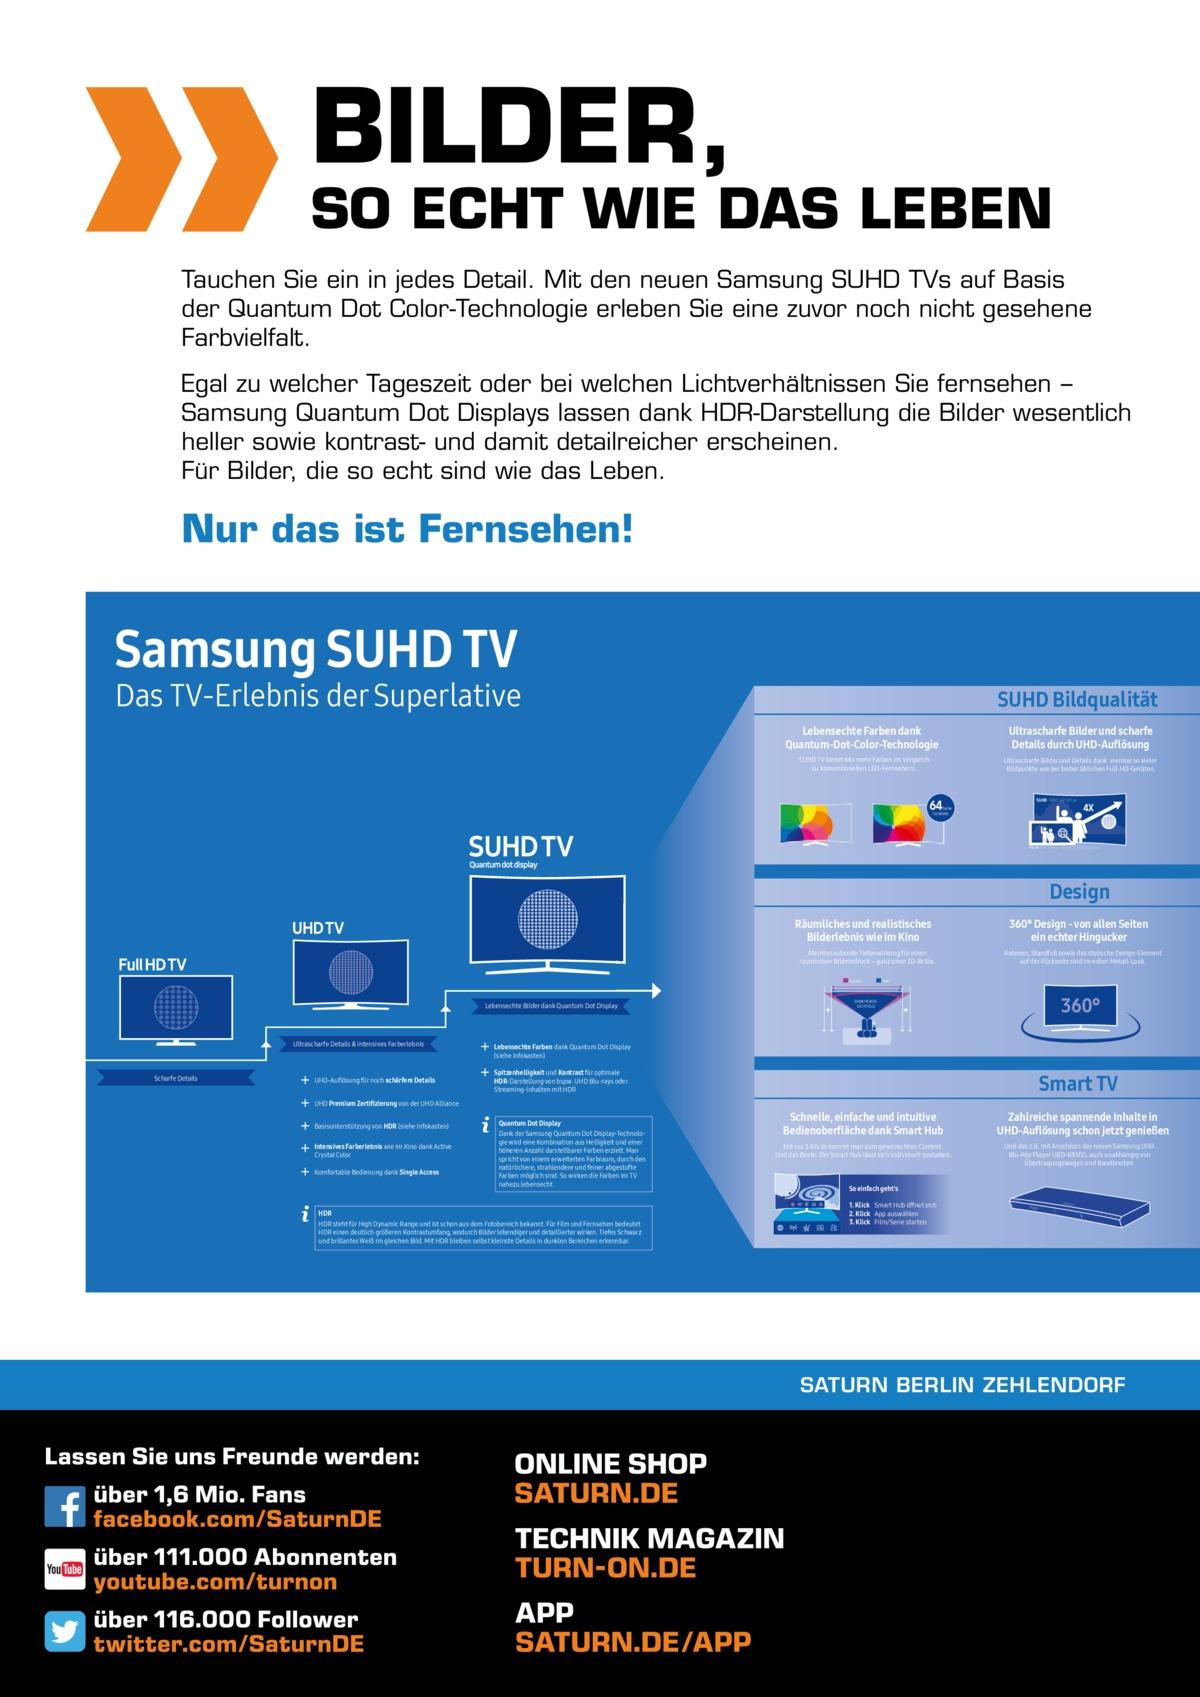 BILDER,  SO ECHT WIE DAS LEBEN Tauchen Sie ein in jedes Detail. Mit den neuen Samsung SUHD TVs auf Basis der Quantum Dot Color-Technologie erleben Sie eine zuvor noch nicht gesehene Farbvielfalt. Egal zu welcher Tageszeit oder bei welchen Lichtverhältnissen Sie fernsehen − Samsung Quantum Dot Displays lassen dank HDR-Darstellung die Bilder wesentlich heller sowie kontrast- und damit detailreicher erscheinen. Für Bilder, die so echt sind wie das Leben.  Nur das ist Fernsehen!  Samsung SUHD TV  Das TV-Erlebnis der Superlative  SUHD Bildqualität Lebensechte Farben dank Quantum-Dot-Color-Technologie SUHD TV bietet 64x mehr Farben im Vergleich zu konventionellen LED-Fernsehern.  Ultrascharfe Bilder und scharfe Details durch UHD-Auflösung Ultrascharfe Bilder und Details dank viermal so vieler Bildpunkte wie bei bisher üblichen Full-HD-Geräten.  64  SUHD 3840 x 2160 px  fache Farbtiefe  4X  FULL HD 1920 x 1080 px  Design Räumliches und realistisches Bilderlebnis wie im Kino Atemberaubende Tiefenwirkung für einen räumlichen Bildeindruck – ganz ohne 3D-Brille. Curved  Lebensechte Bilder dank Quantum Dot Display  Ultrascharfe Details & intensives Farberlebnis  Scharfe Details  UHD-Auflösung für noch schärfere Details  360° Design - von allen Seiten ein echter Hingucker Rahmen, Standfuß sowie das stylische Design-Element auf der Rückseite sind im edlen Metall-Look.  Flat  ERWEITERTES SICHTFELD  360°  Lebensechte Farben dank Quantum Dot Display (siehe Infokasten) Spitzenhelligkeit und Kontrast für optimale HDR-Darstellung von bspw. UHD Blu-rays oder Streaming-Inhalten mit HDR  Smart TV  UHD Premium Zertifizierung von der UHD Alliance Basisunterstützung von HDR (siehe Infokasten) Intensives Farberlebnis wie im Kino dank Active Crystal Color Komfortable Bedienung dank Single Access  Quantum Dot Display Dank der Samsung Quantum Dot Display-Technologie wird eine Kombination aus Helligkeit und einer höheren Anzahl darstellbarer Farben erzielt. Man spricht von einem erweiterten Farbr